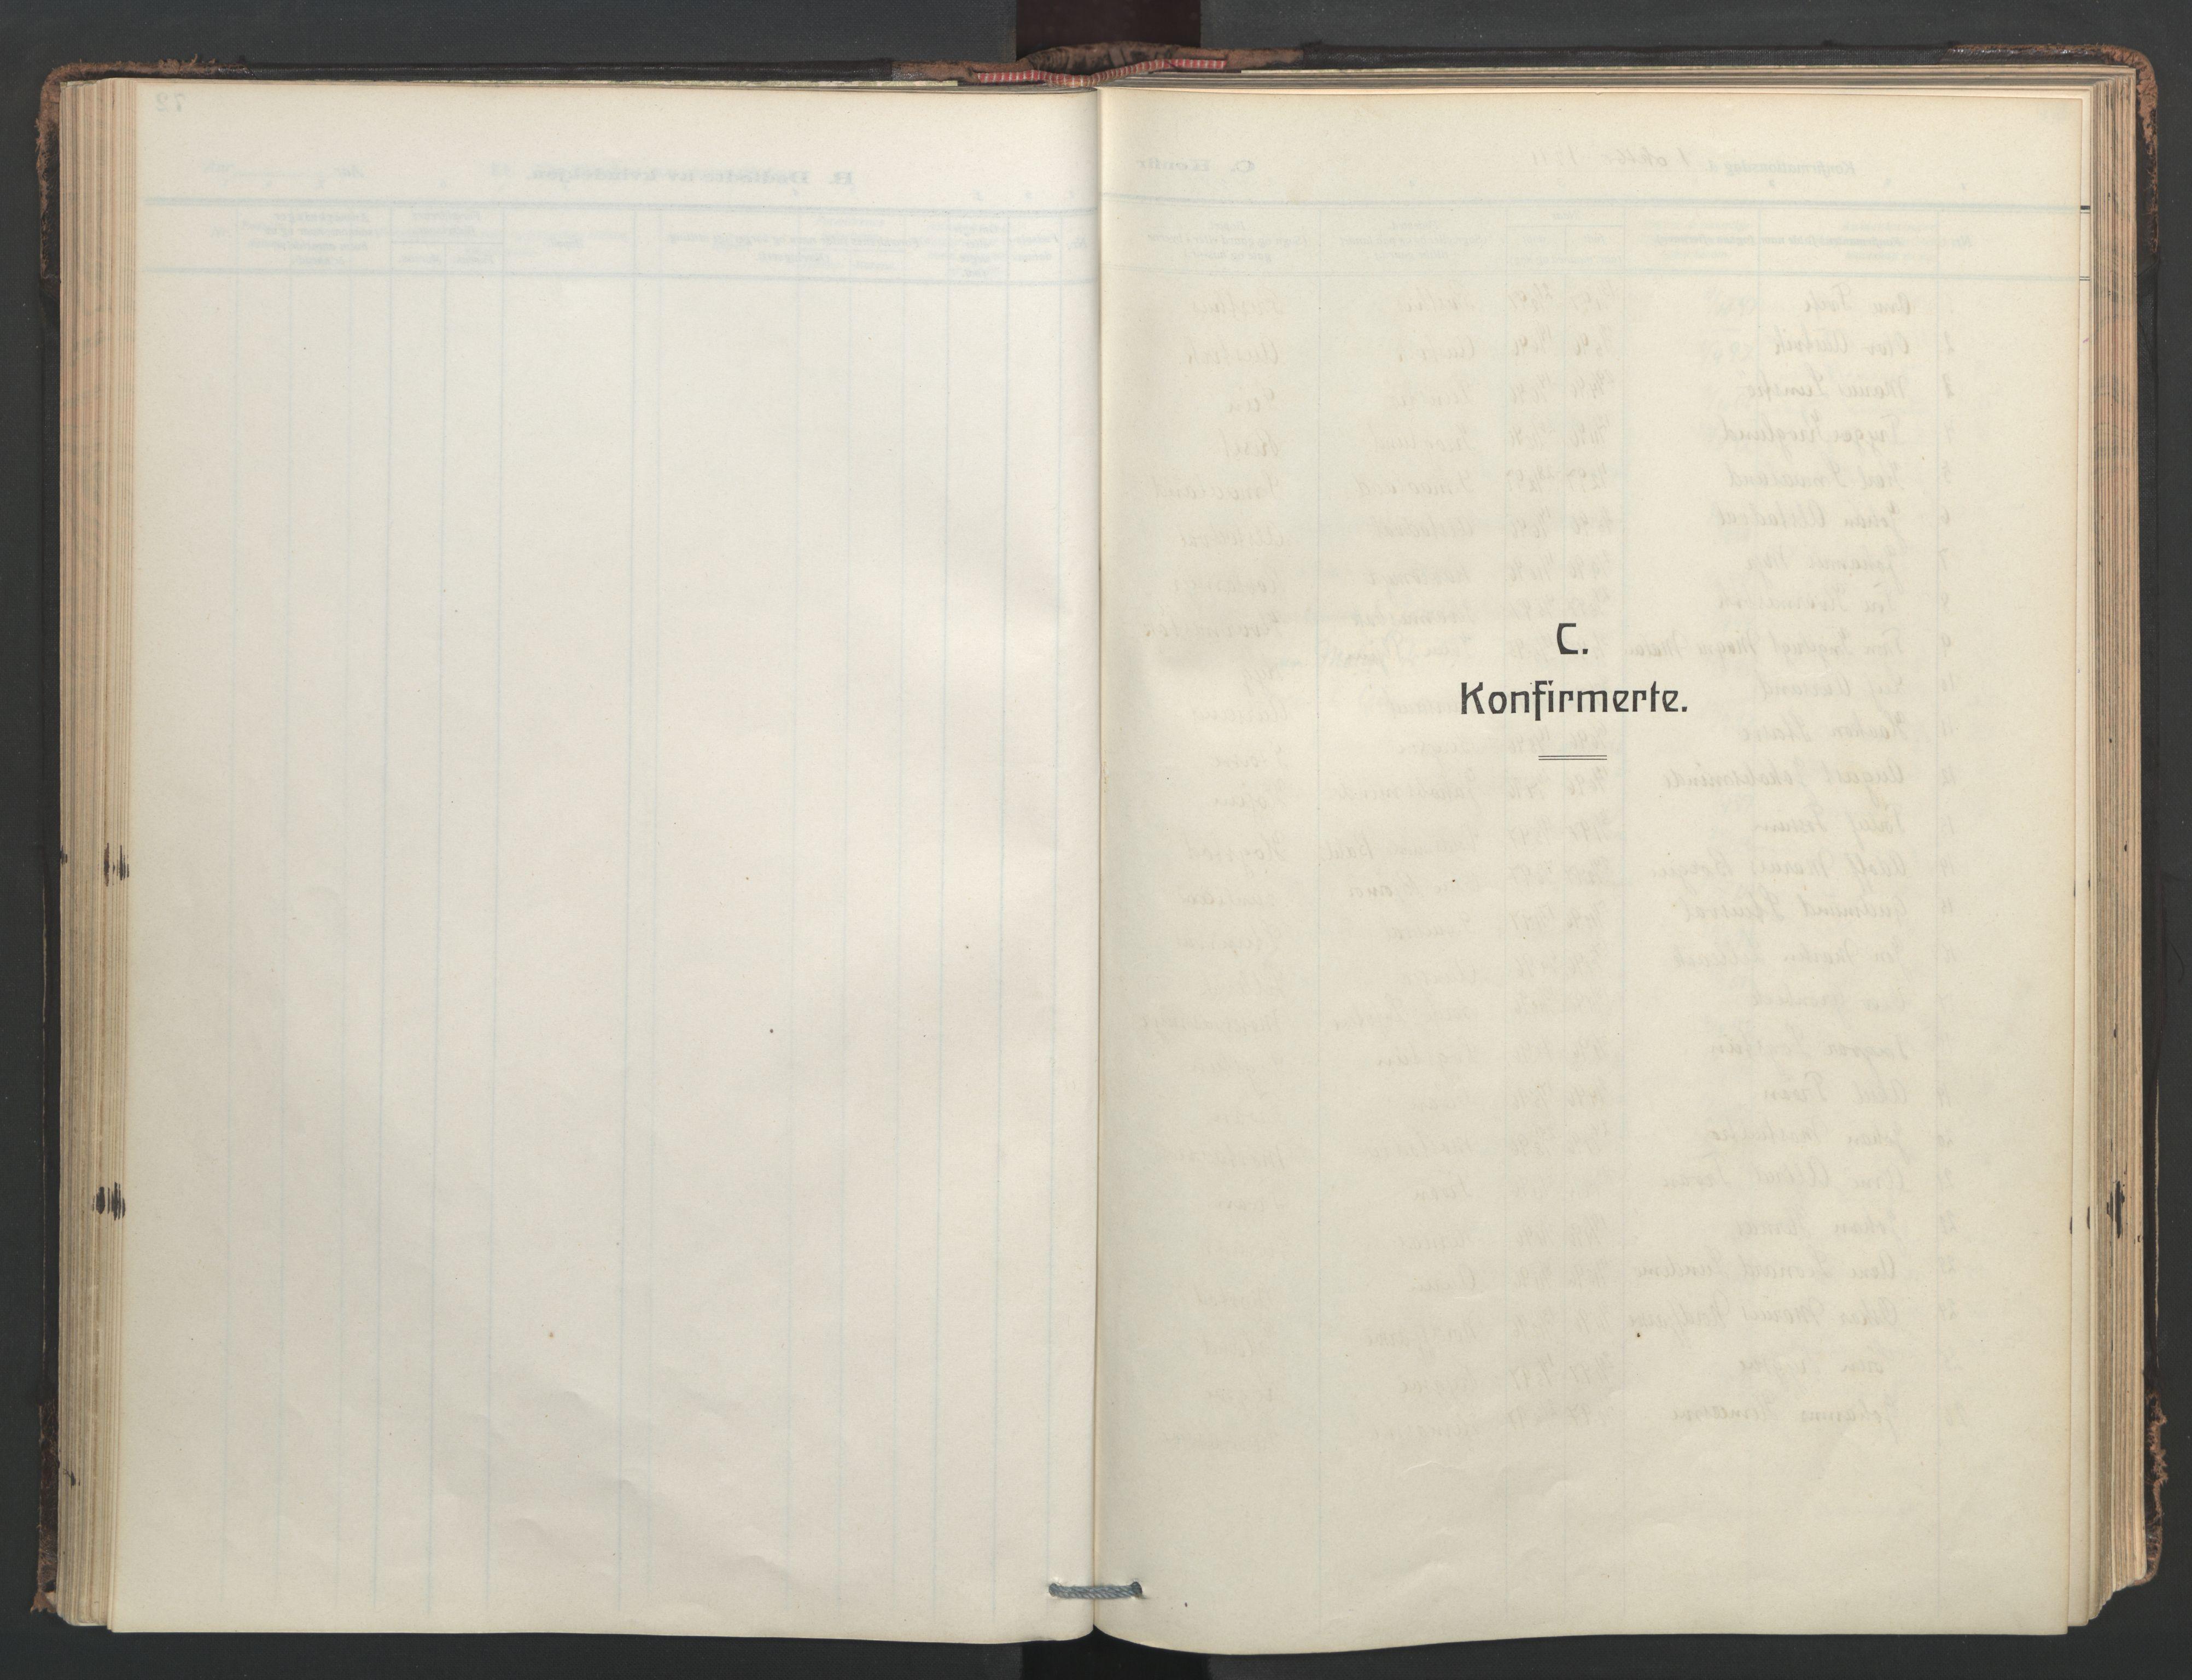 SAT, Ministerialprotokoller, klokkerbøker og fødselsregistre - Nord-Trøndelag, 713/L0123: Ministerialbok nr. 713A12, 1911-1925